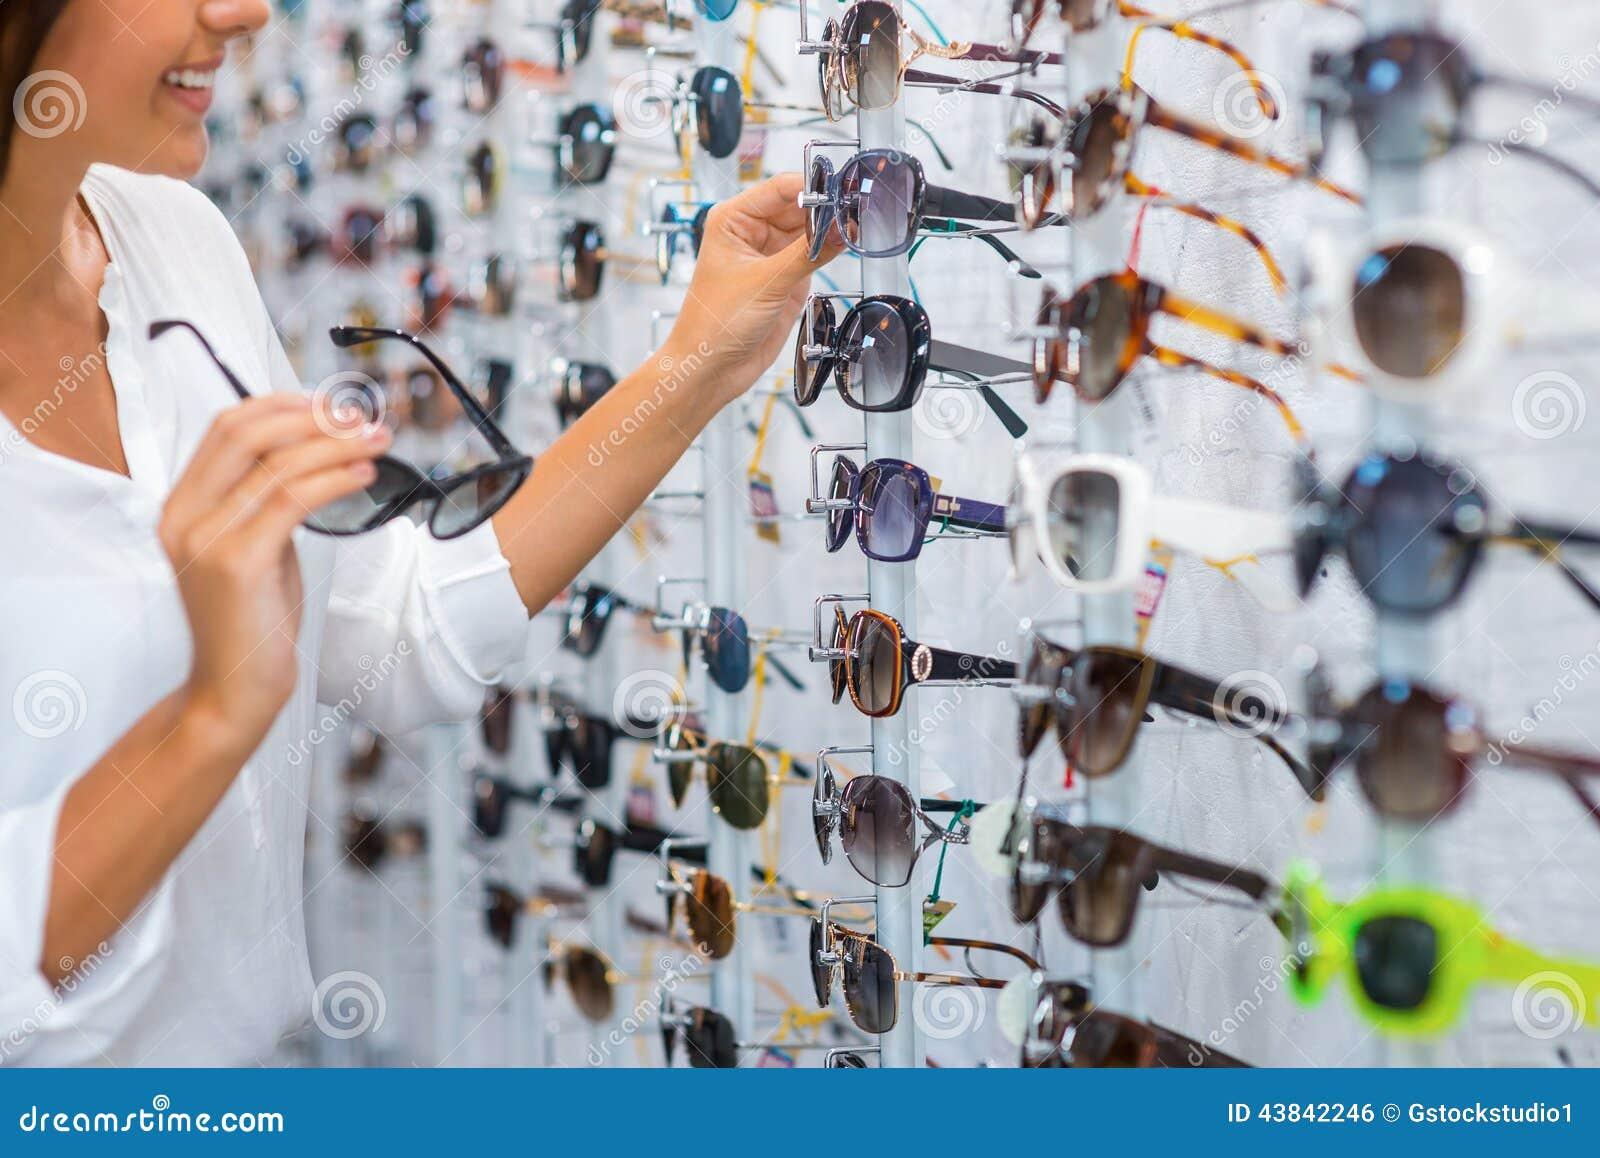 d1195a530aa47 imagens de stock Escolhendo óculos De Sol Na Loja - Baixe 16 Royalty ...